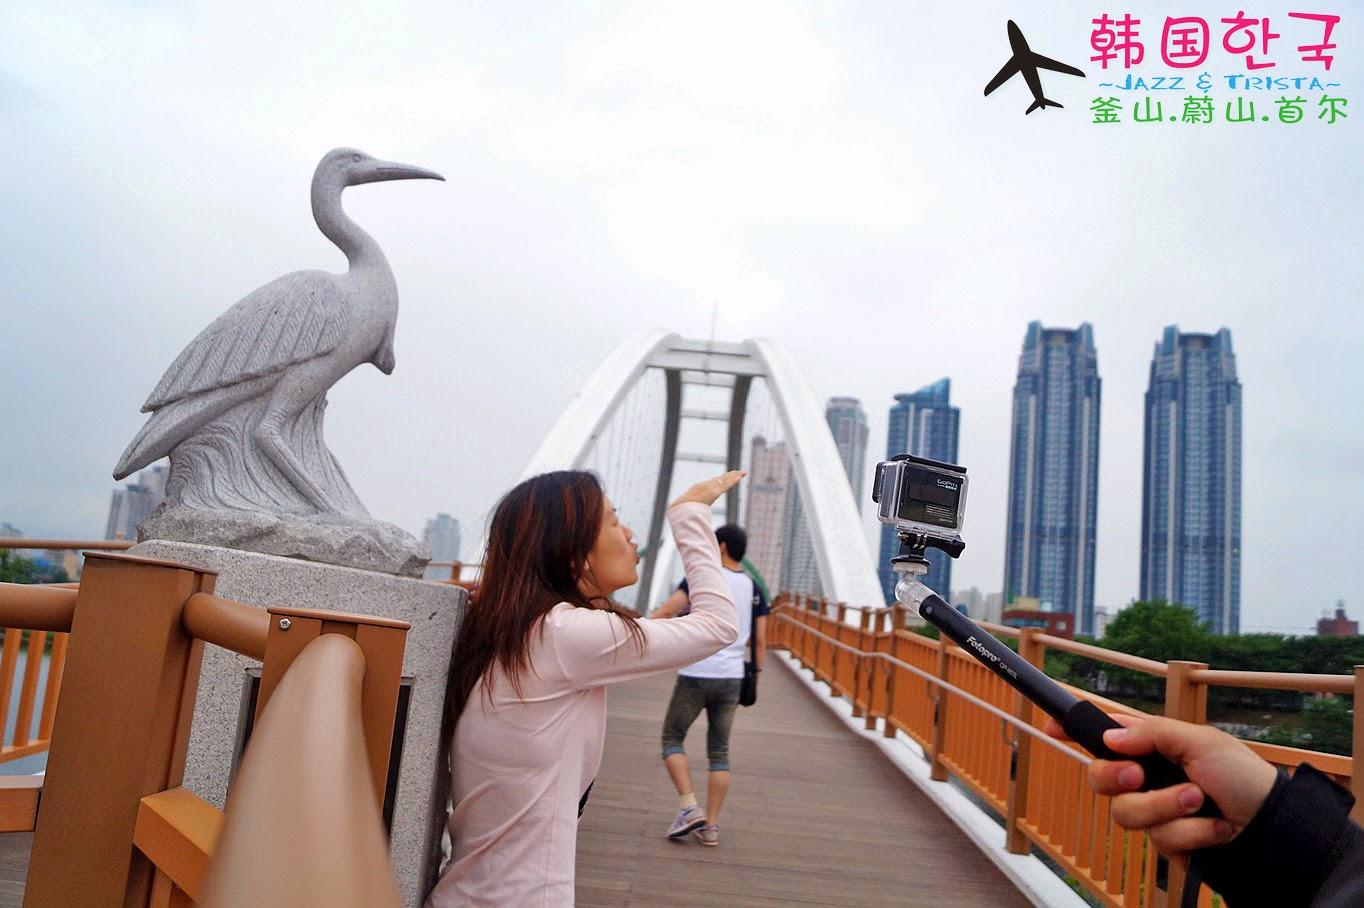 【韓國游記】太和江大公園   蔚山  食在好玩 - 美食旅游部落格 Food & Travel Blog